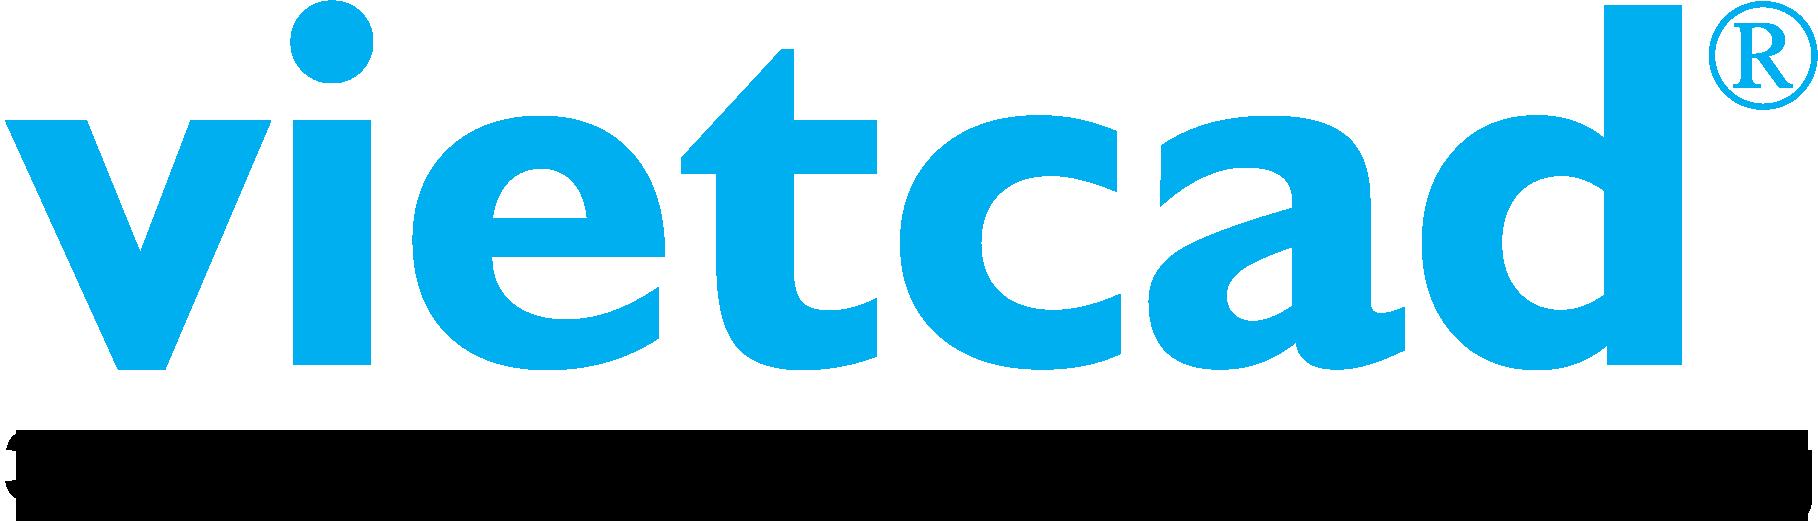 VietCAD Co.,LTD徽標